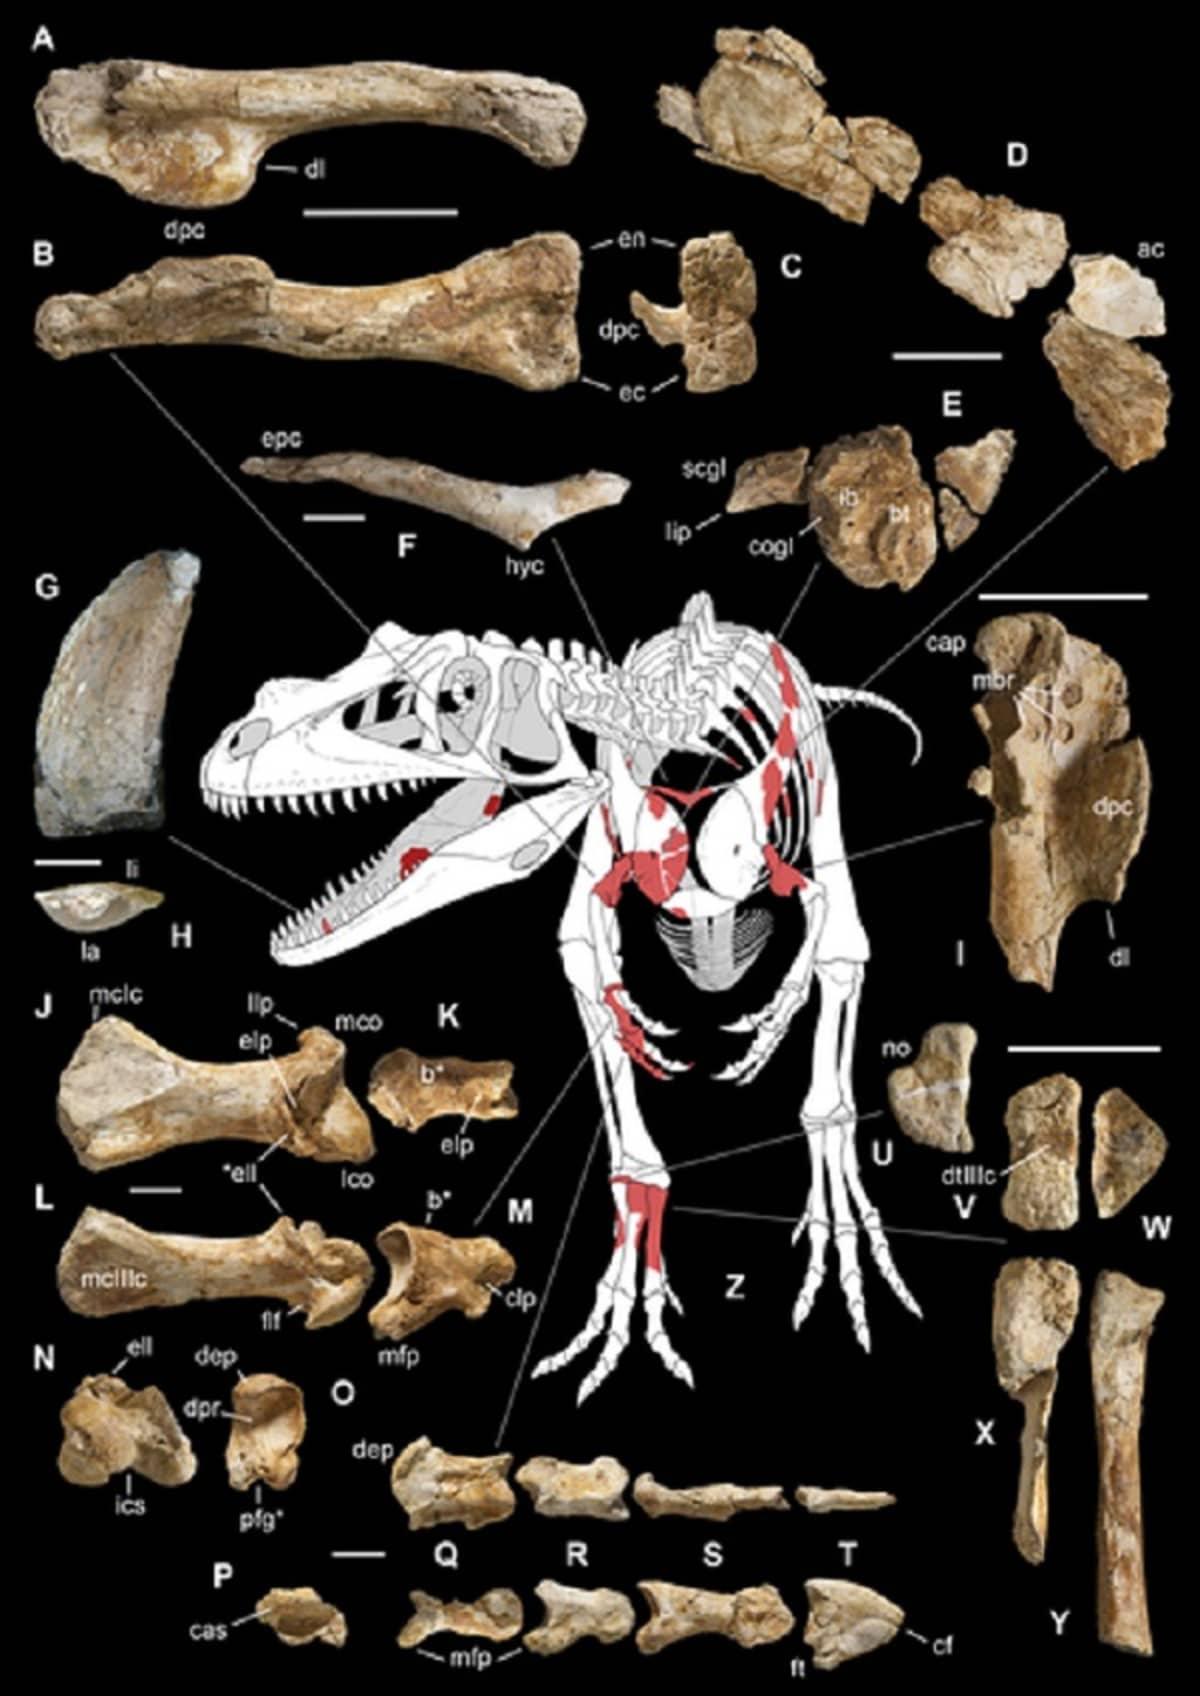 Kaaviokuvassa valokuvat luunkappaleista ja piirros dinosauruksen luurangosta